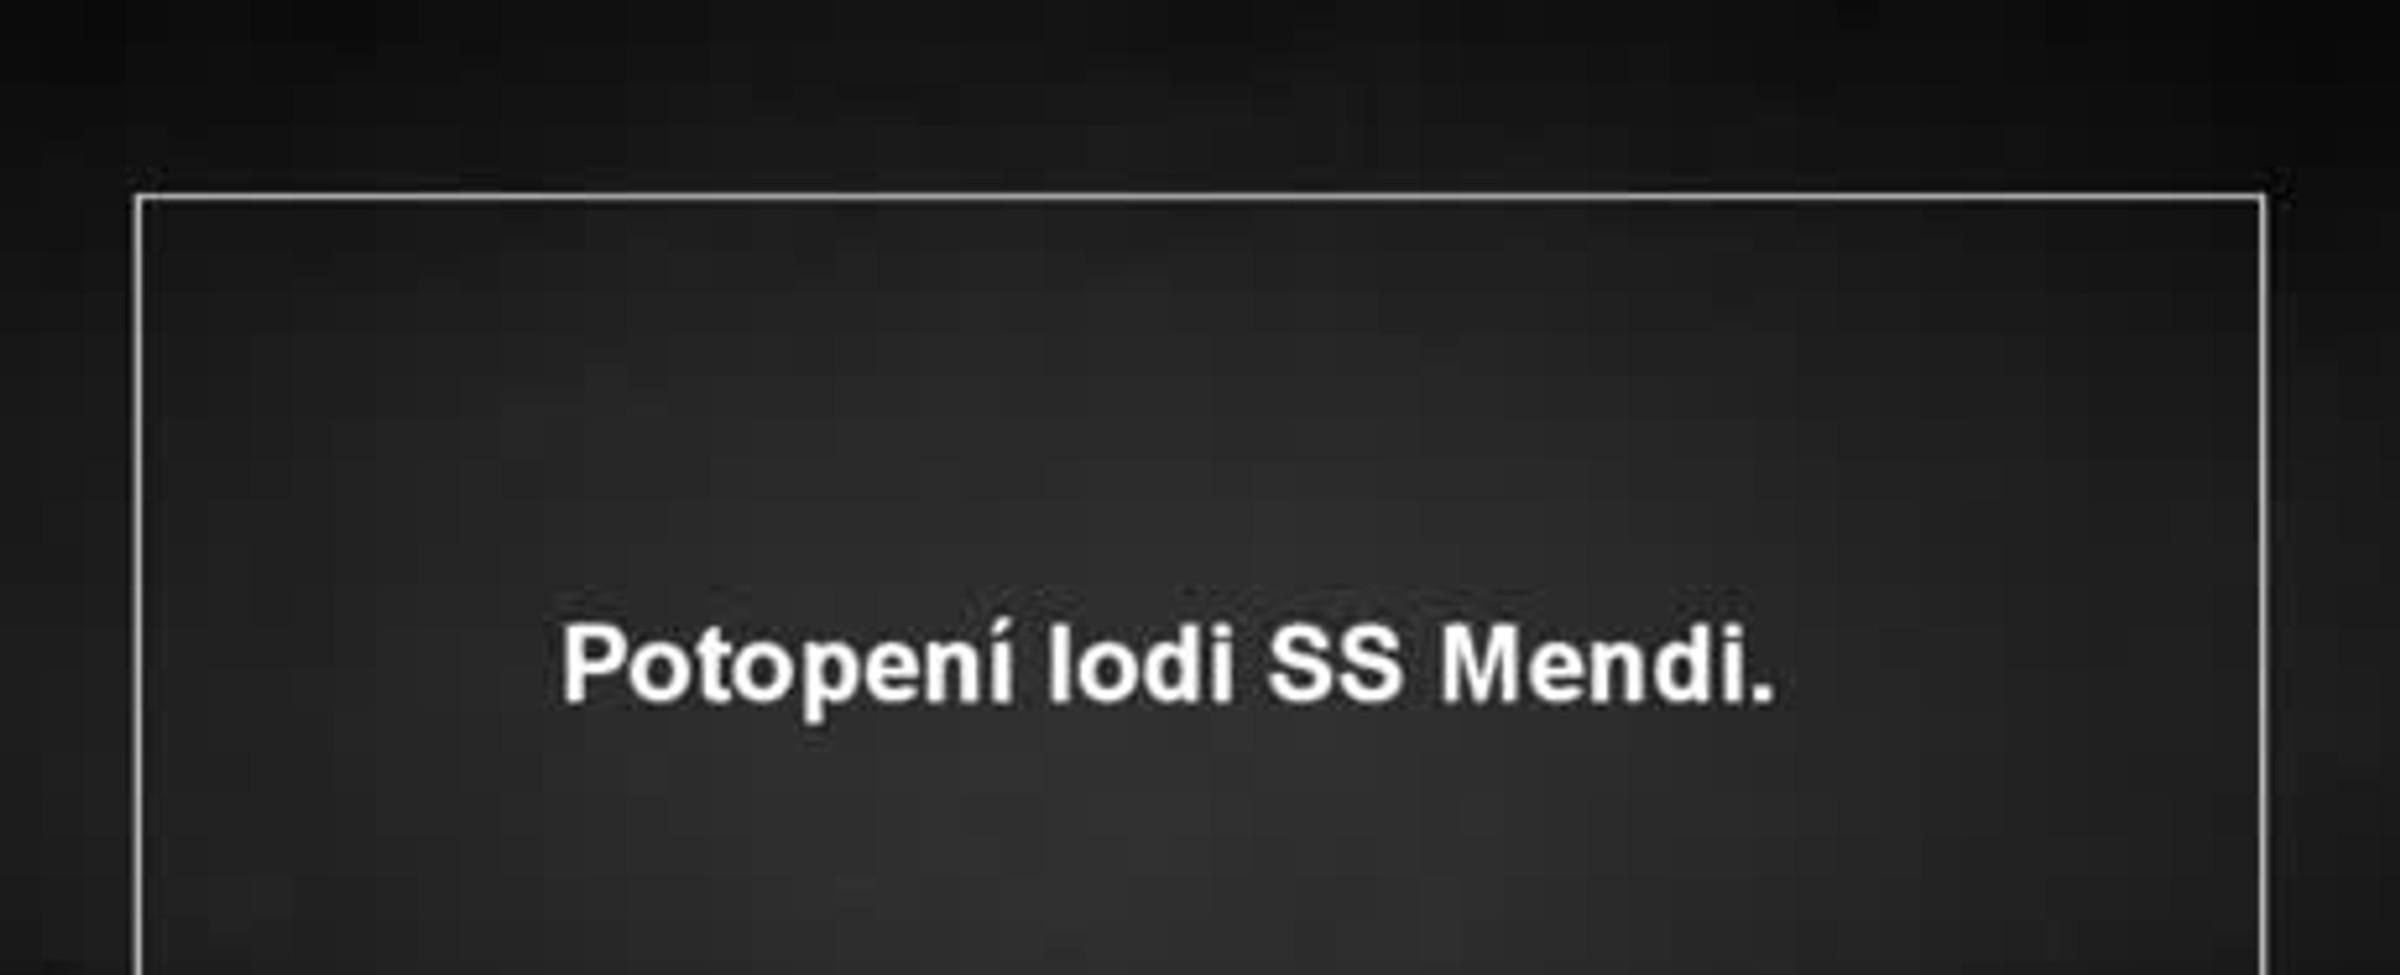 Potopení lodě SS Mendi